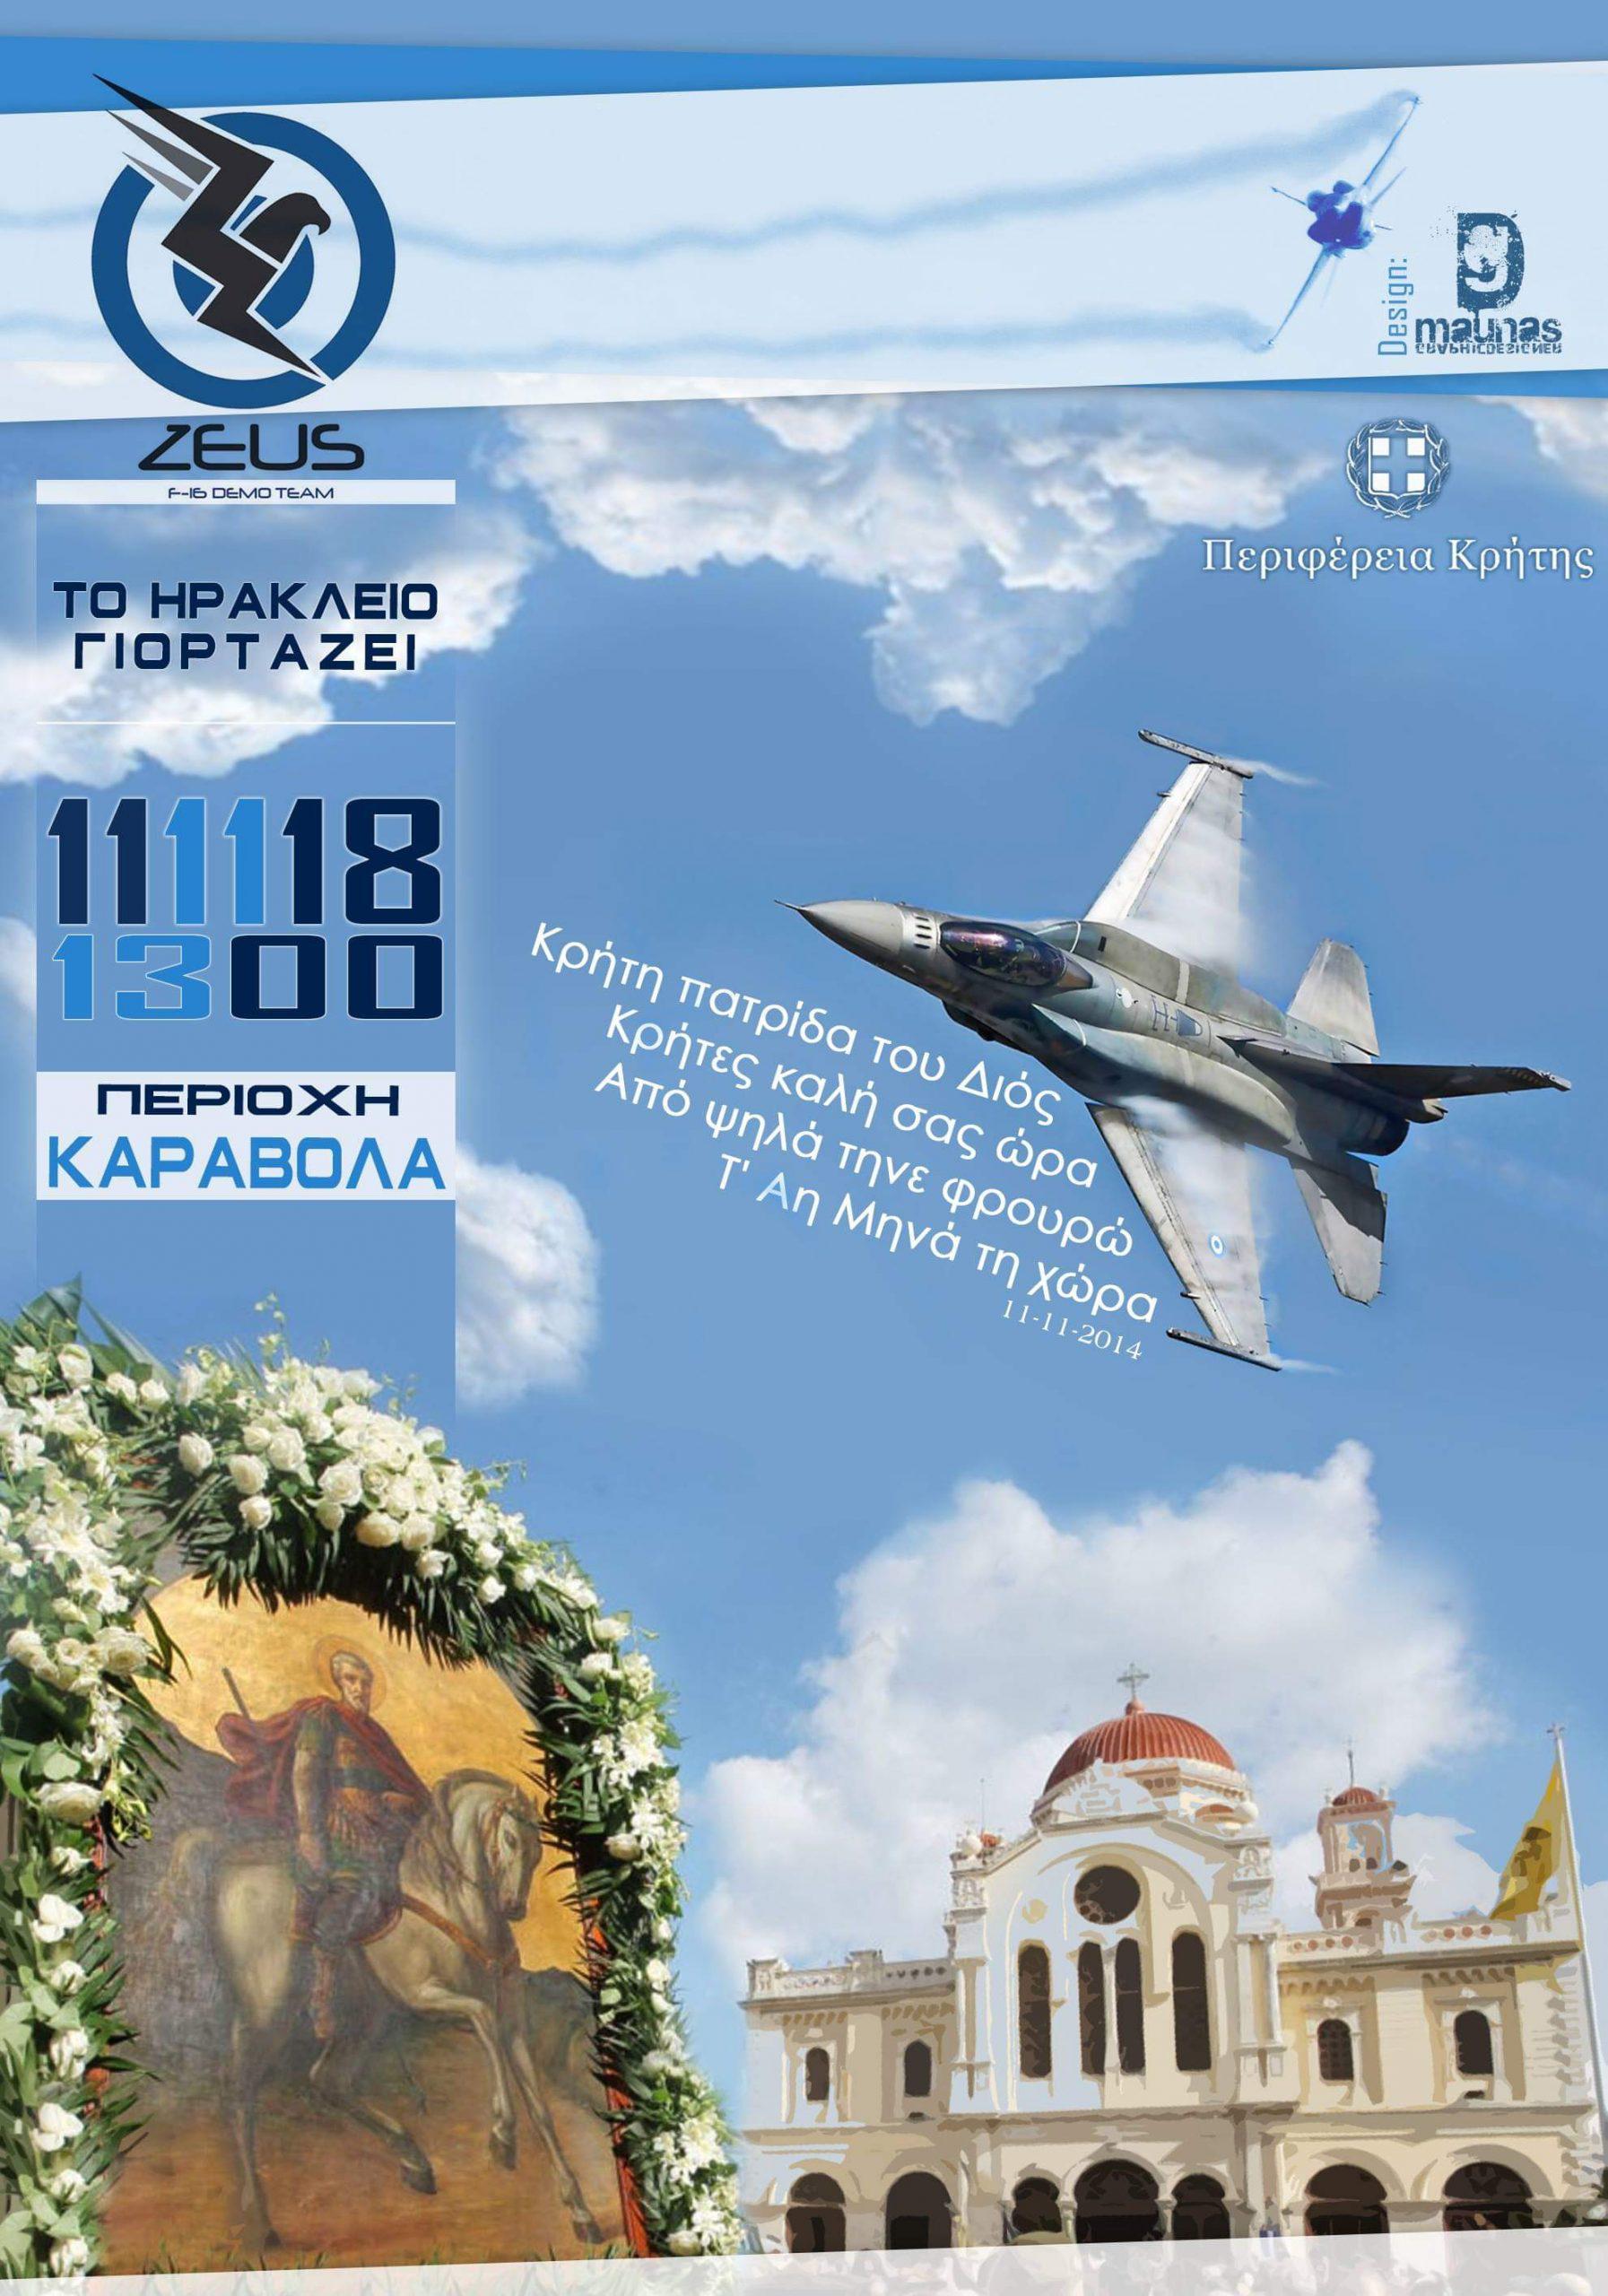 Ο ZEUS (F-16 Demo Team) τιμά τον Προστάτη του Ηρακλείου Άγιο Μηνά